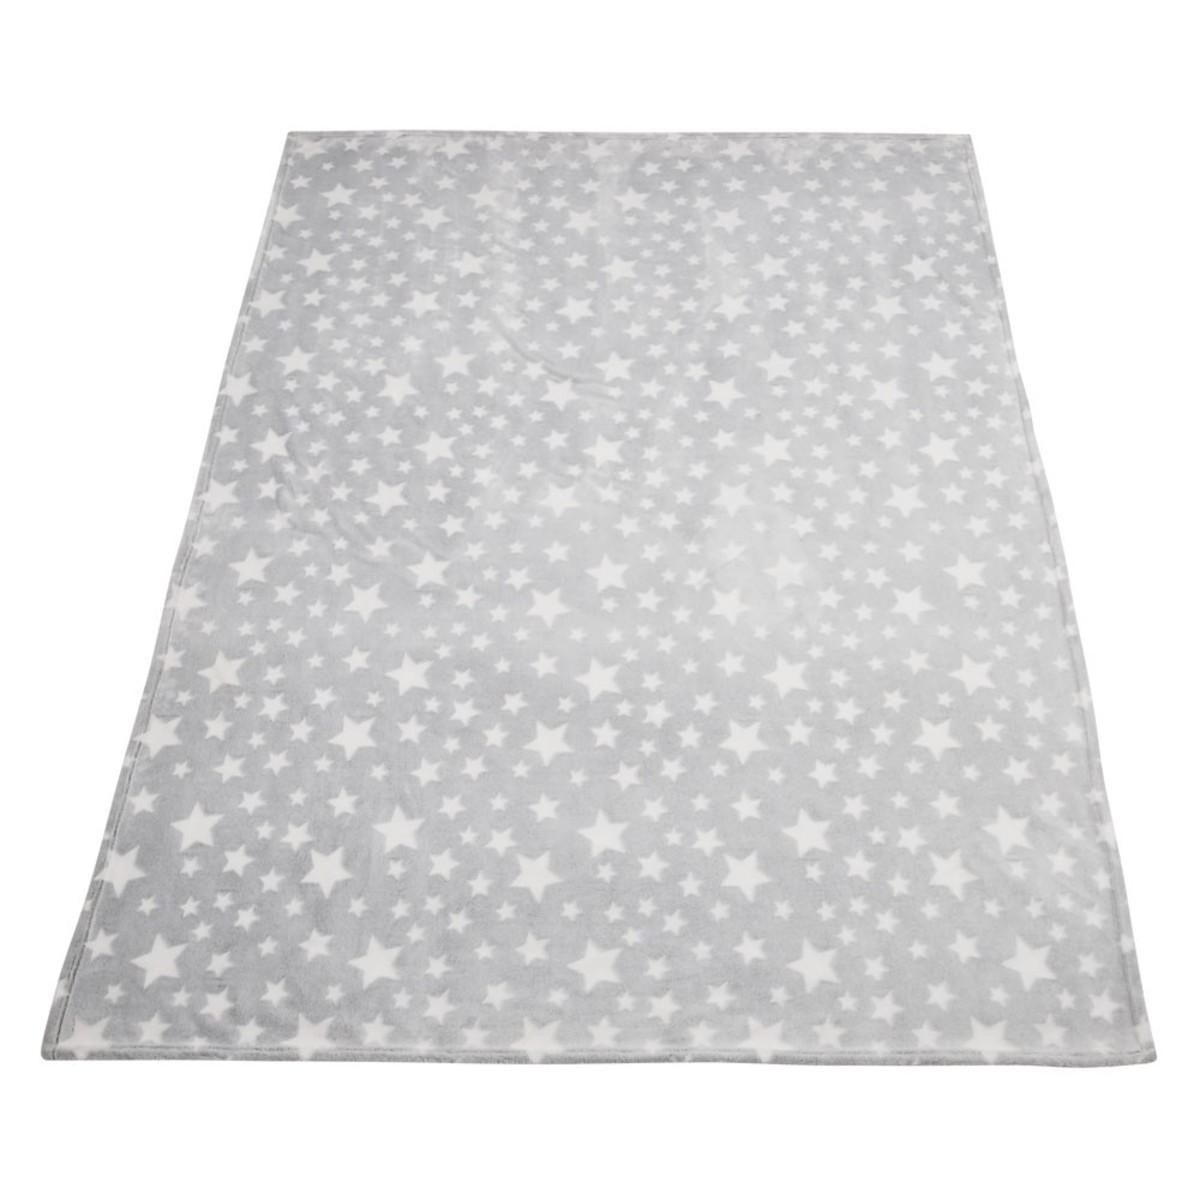 Bild 3 von Kuscheldecke, Sterne, leuchtend, 70 x 100 cm, grau